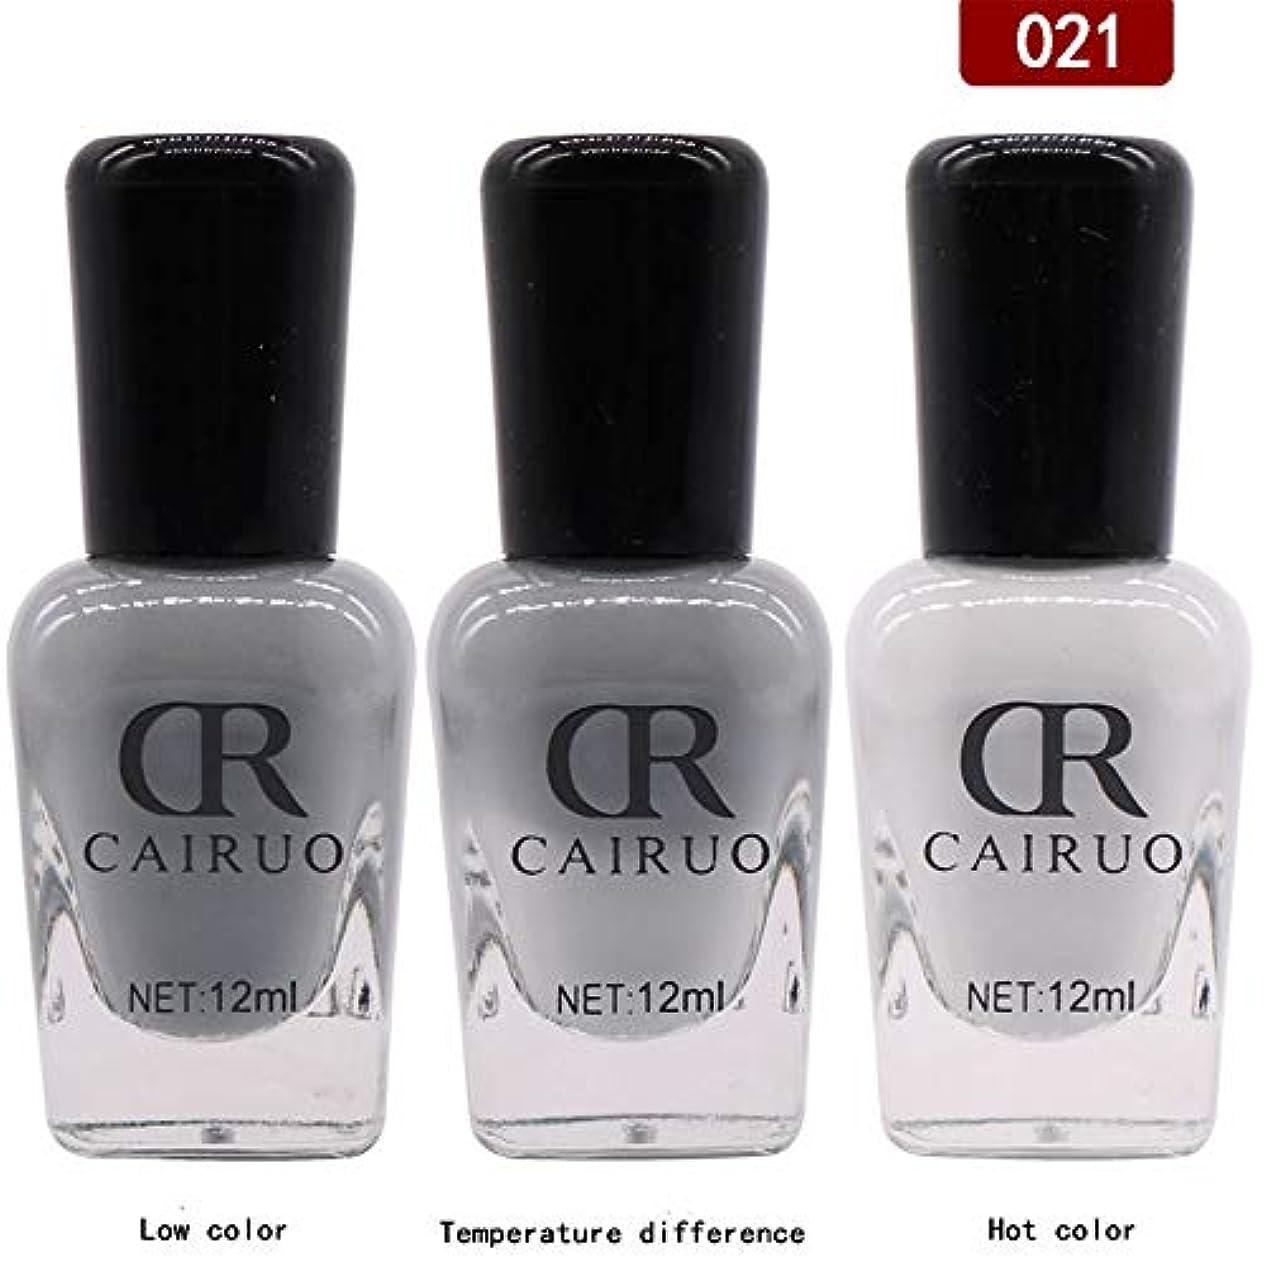 条件付き振るうナイロンカラージェル 温度により色が変化 カメレオンジェルネイル 剥離可能 ネイルアート 12ml/本 (021)